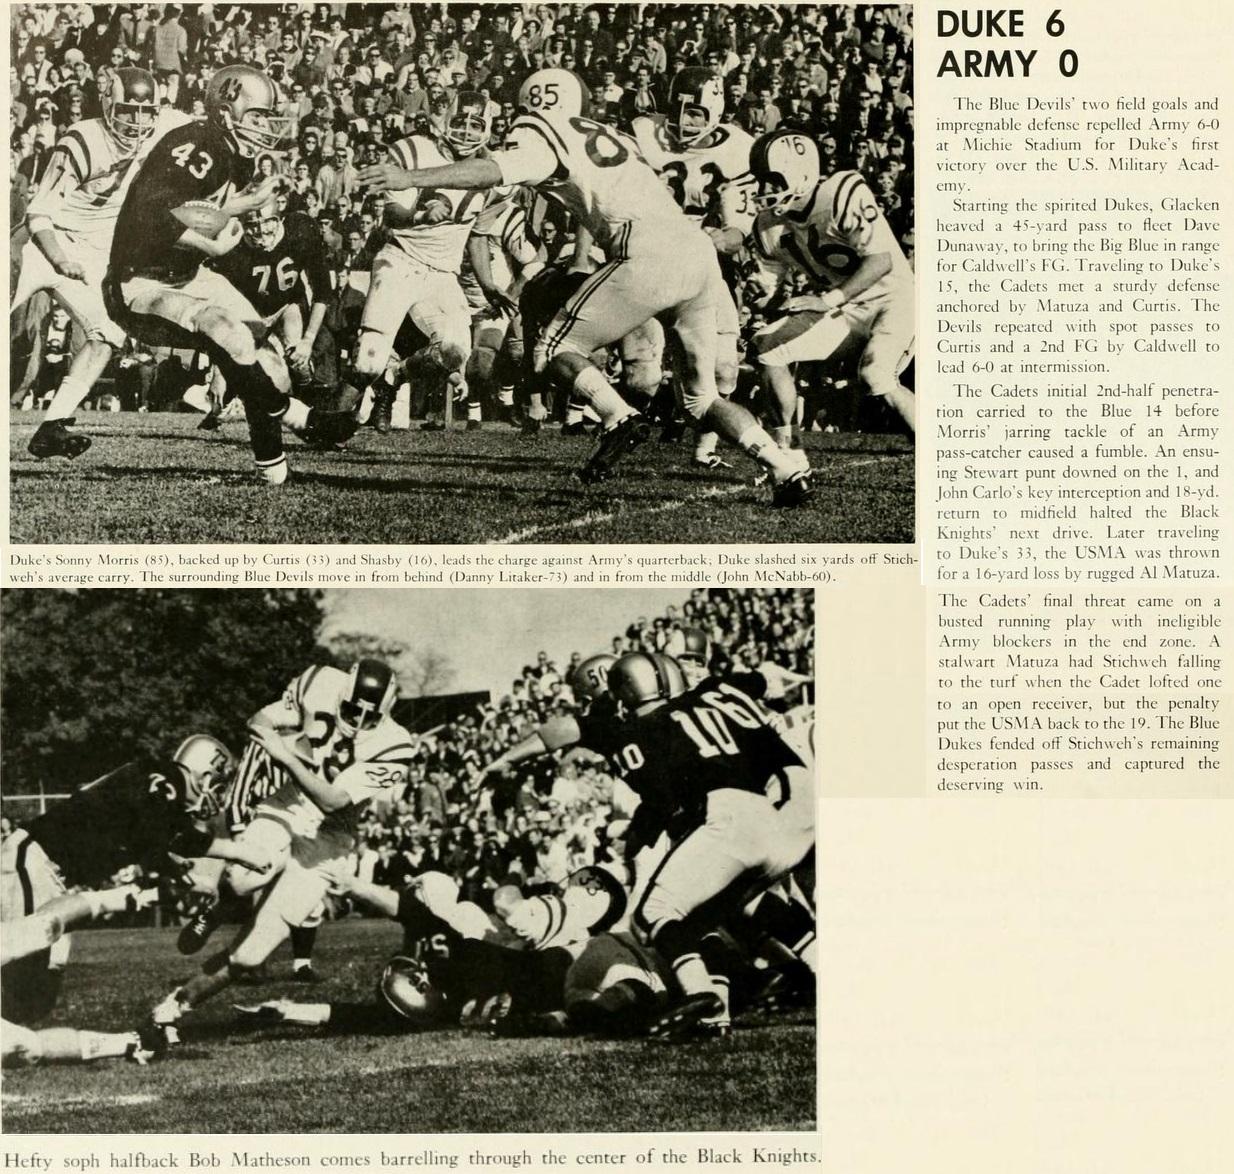 armyfb_1964_vsduke_chanticleeryearbook65